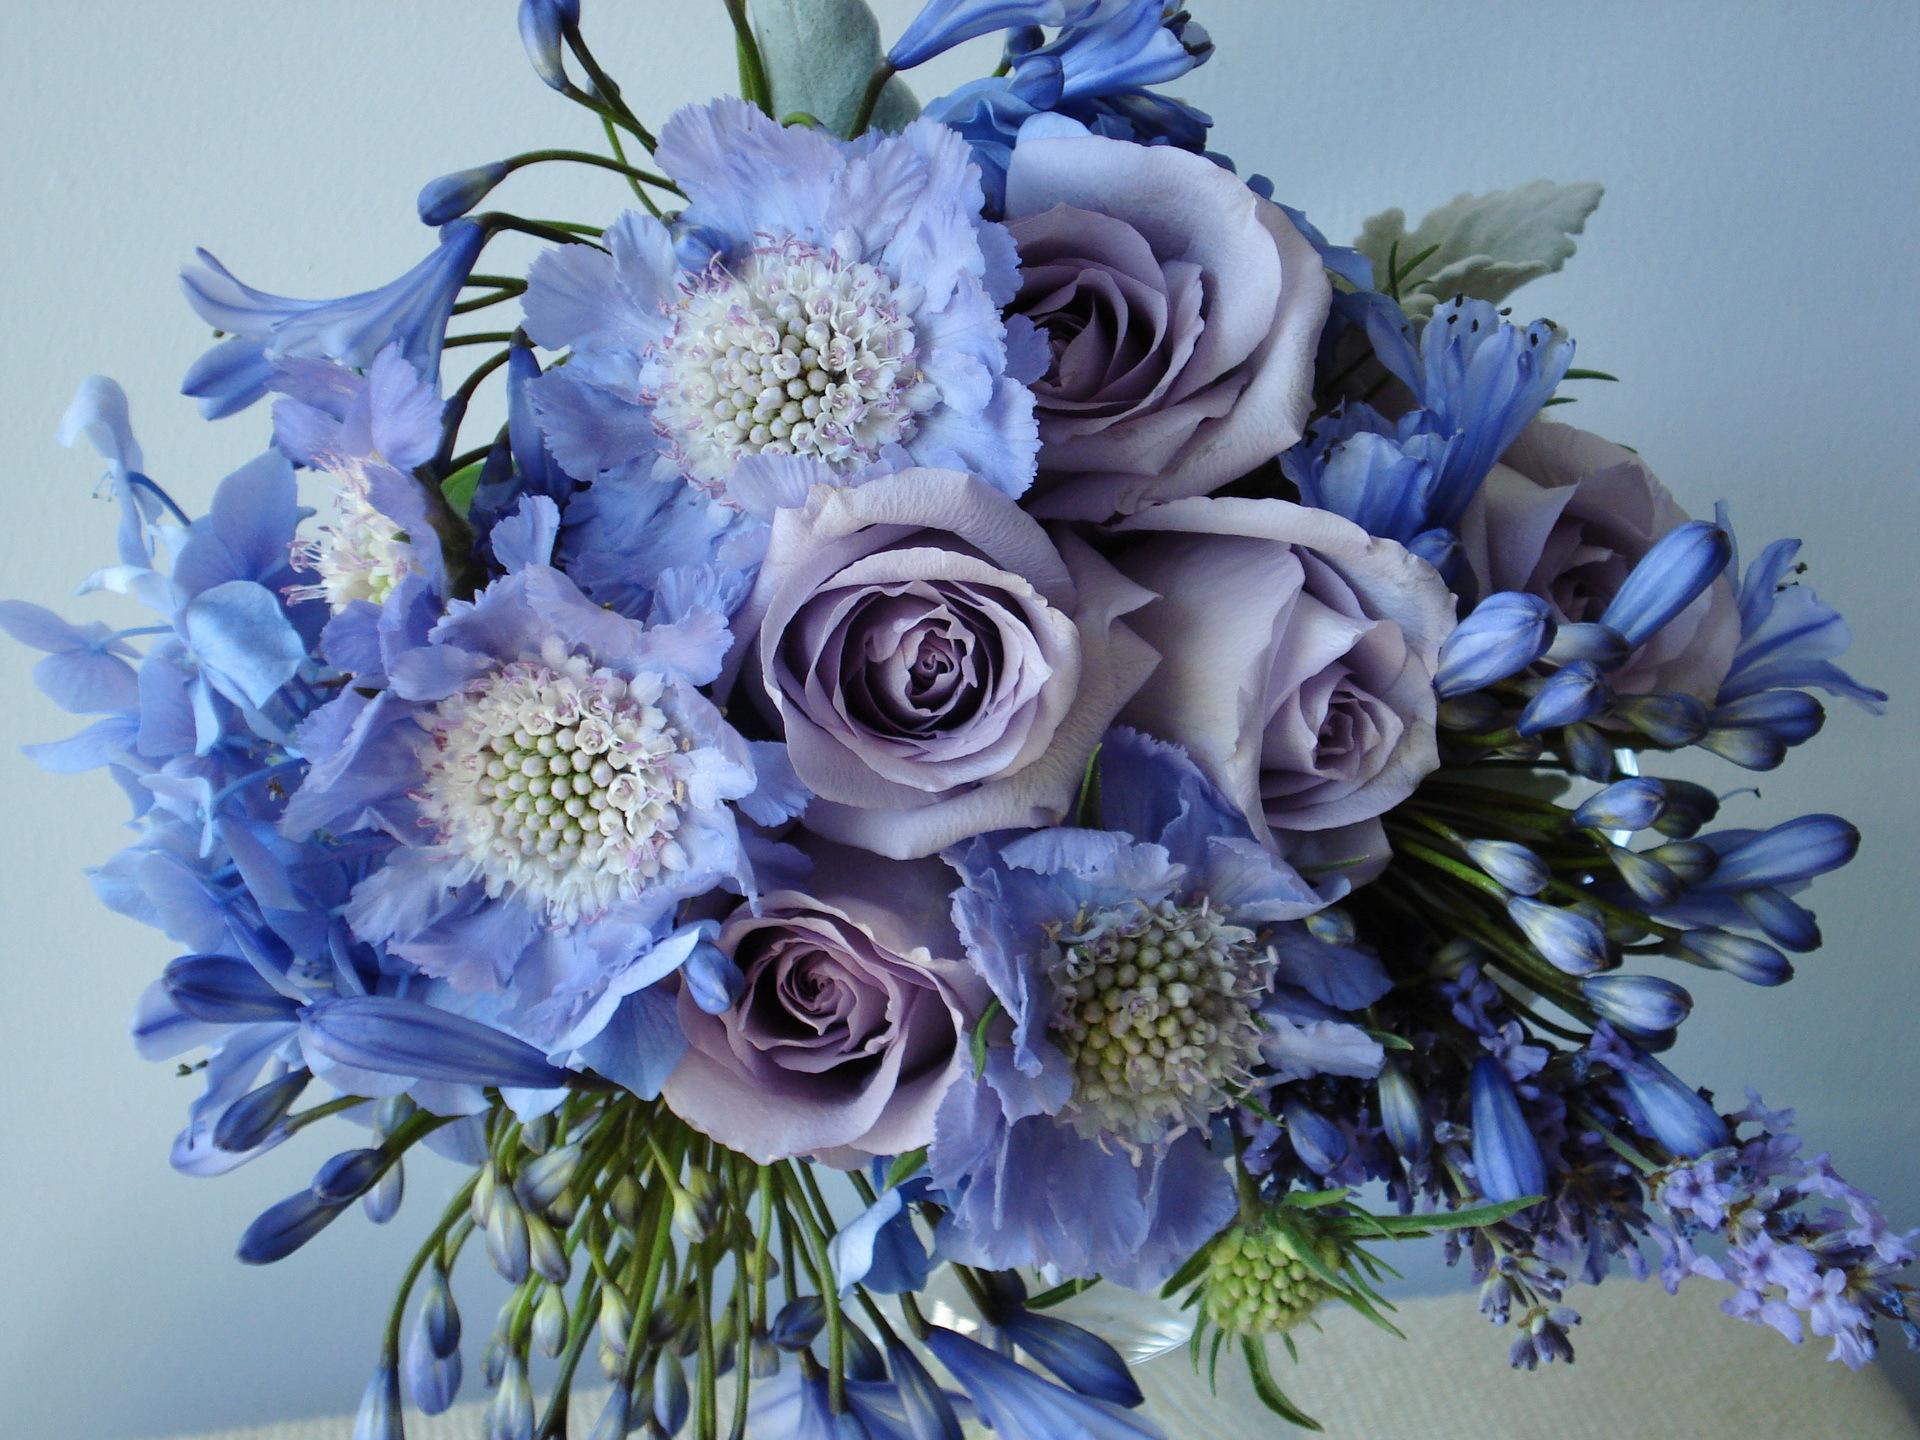 Фото букет розы и полевые цветы